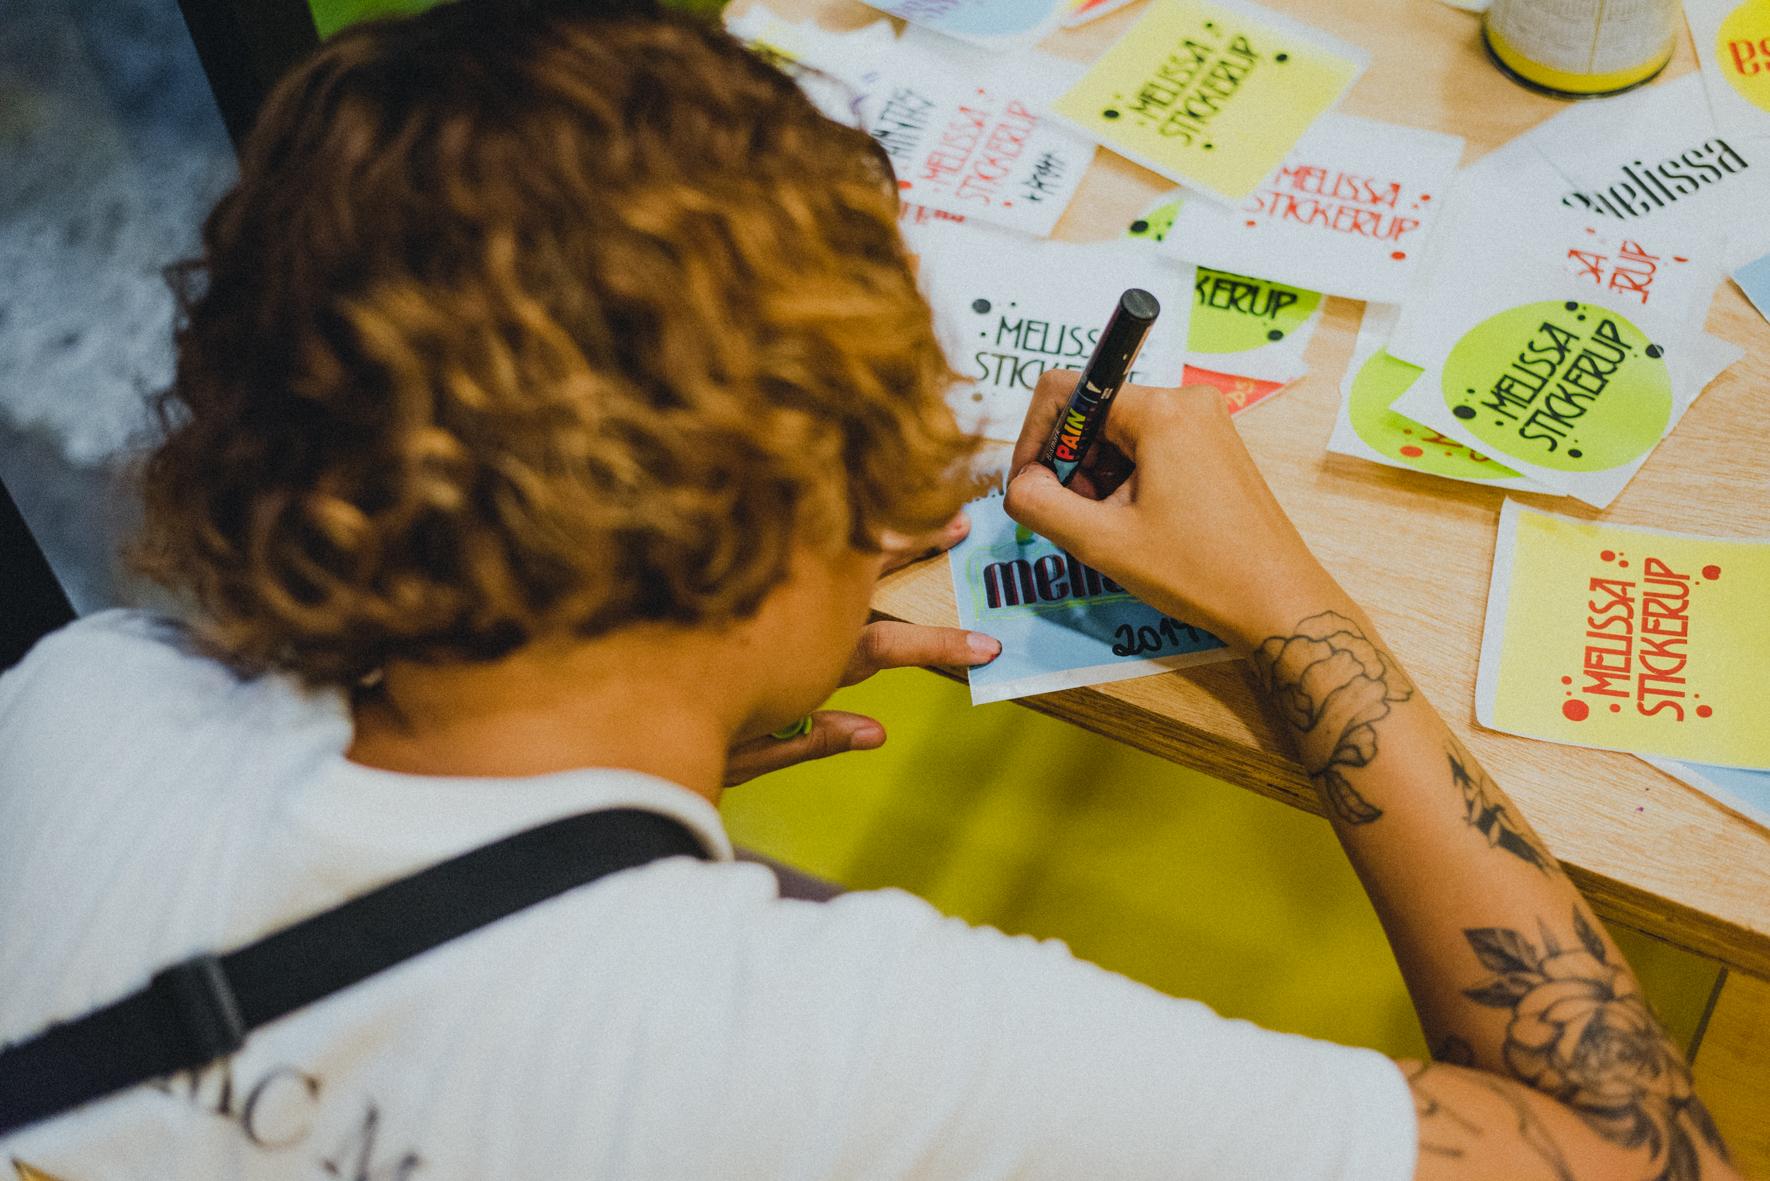 Sticker Up Lab + Melissa